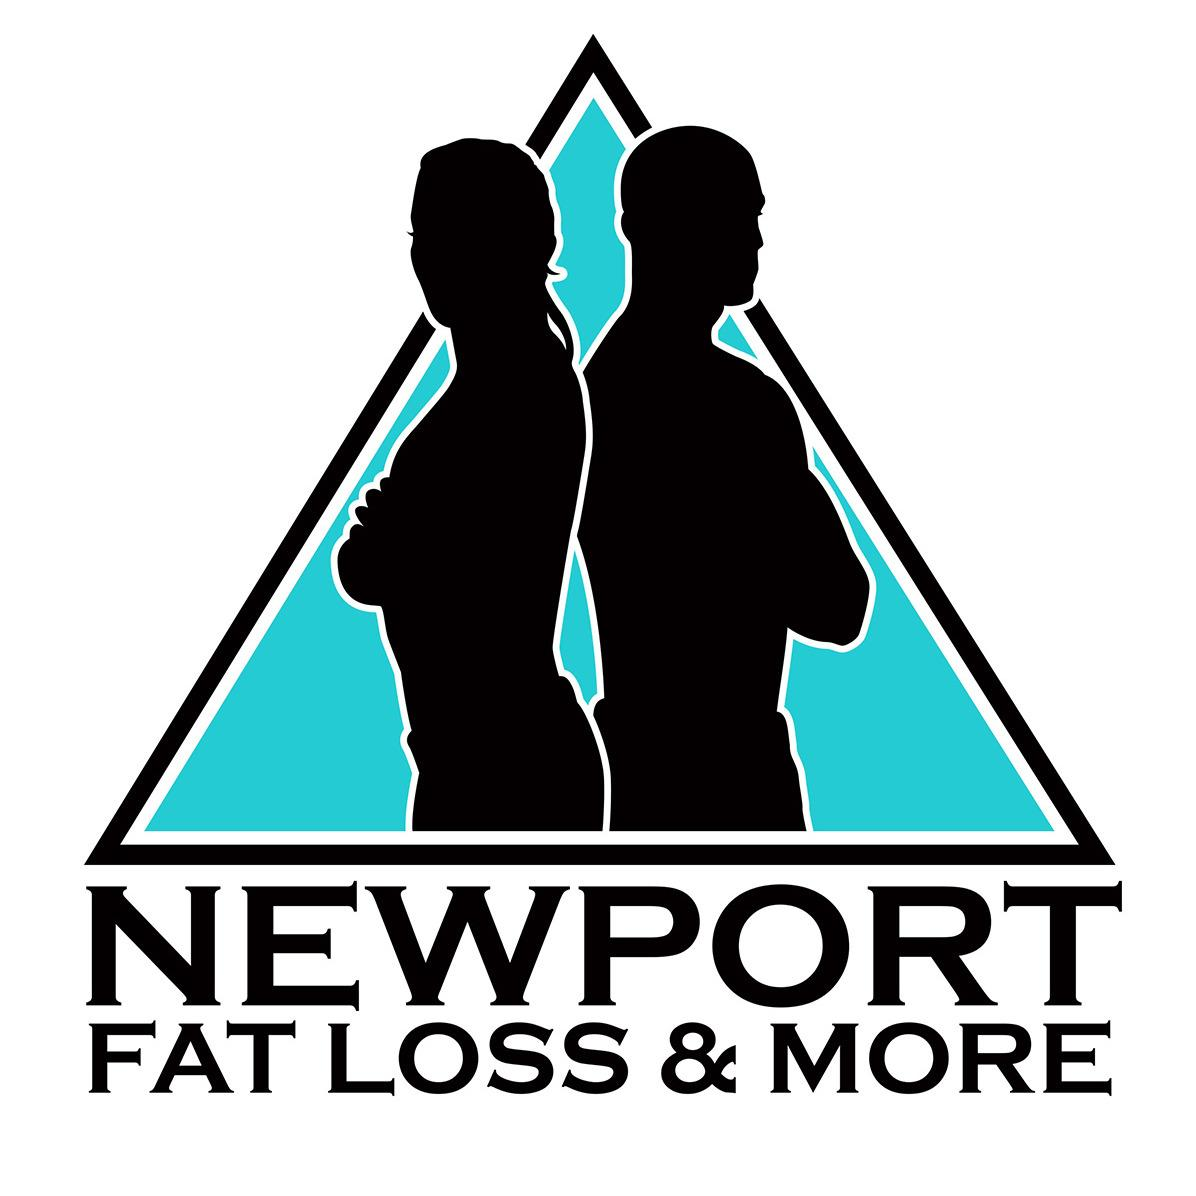 Newport Fat Loss & More